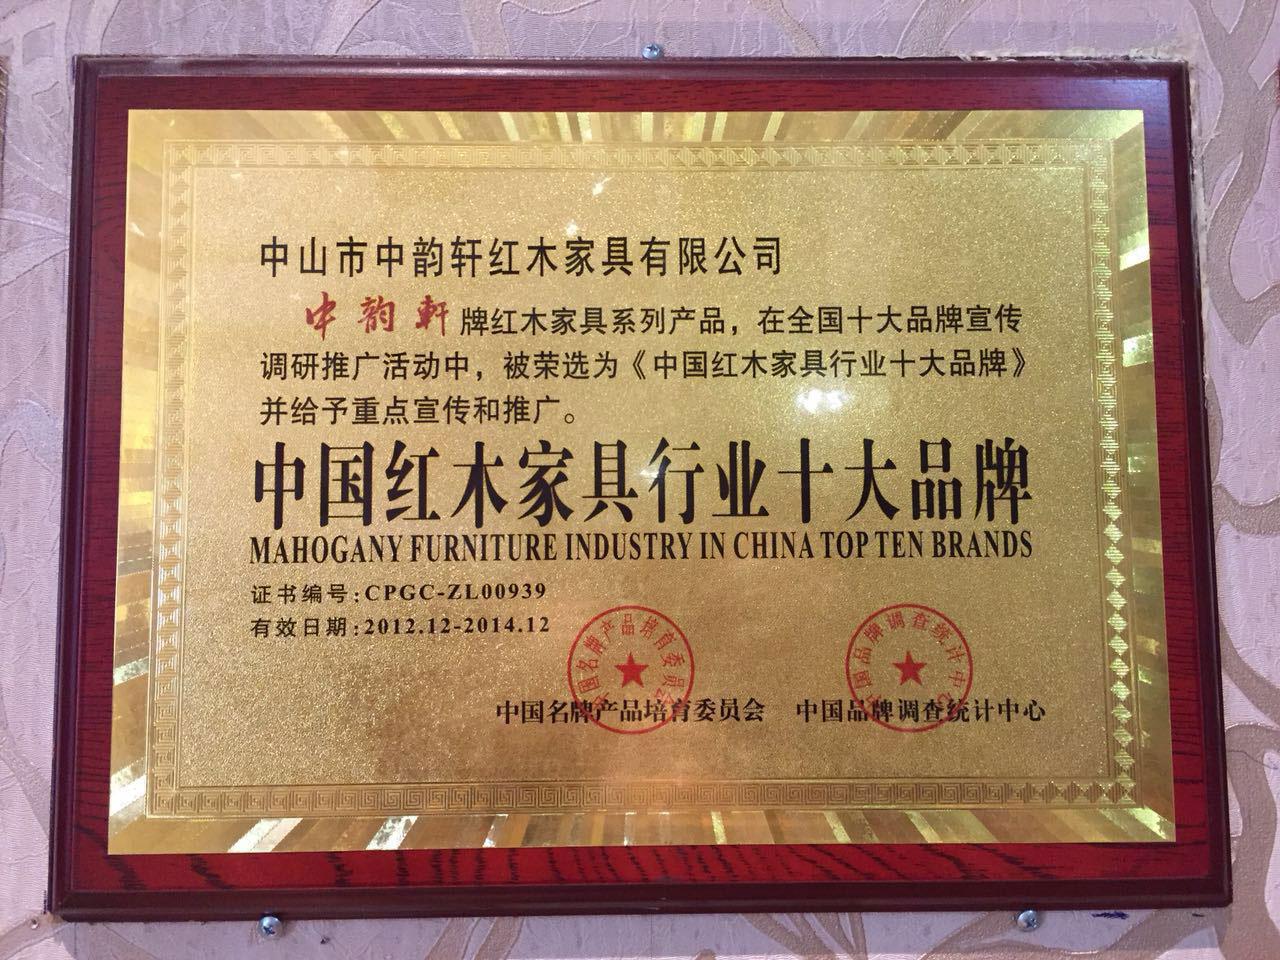 中国红木家具行业十大品牌